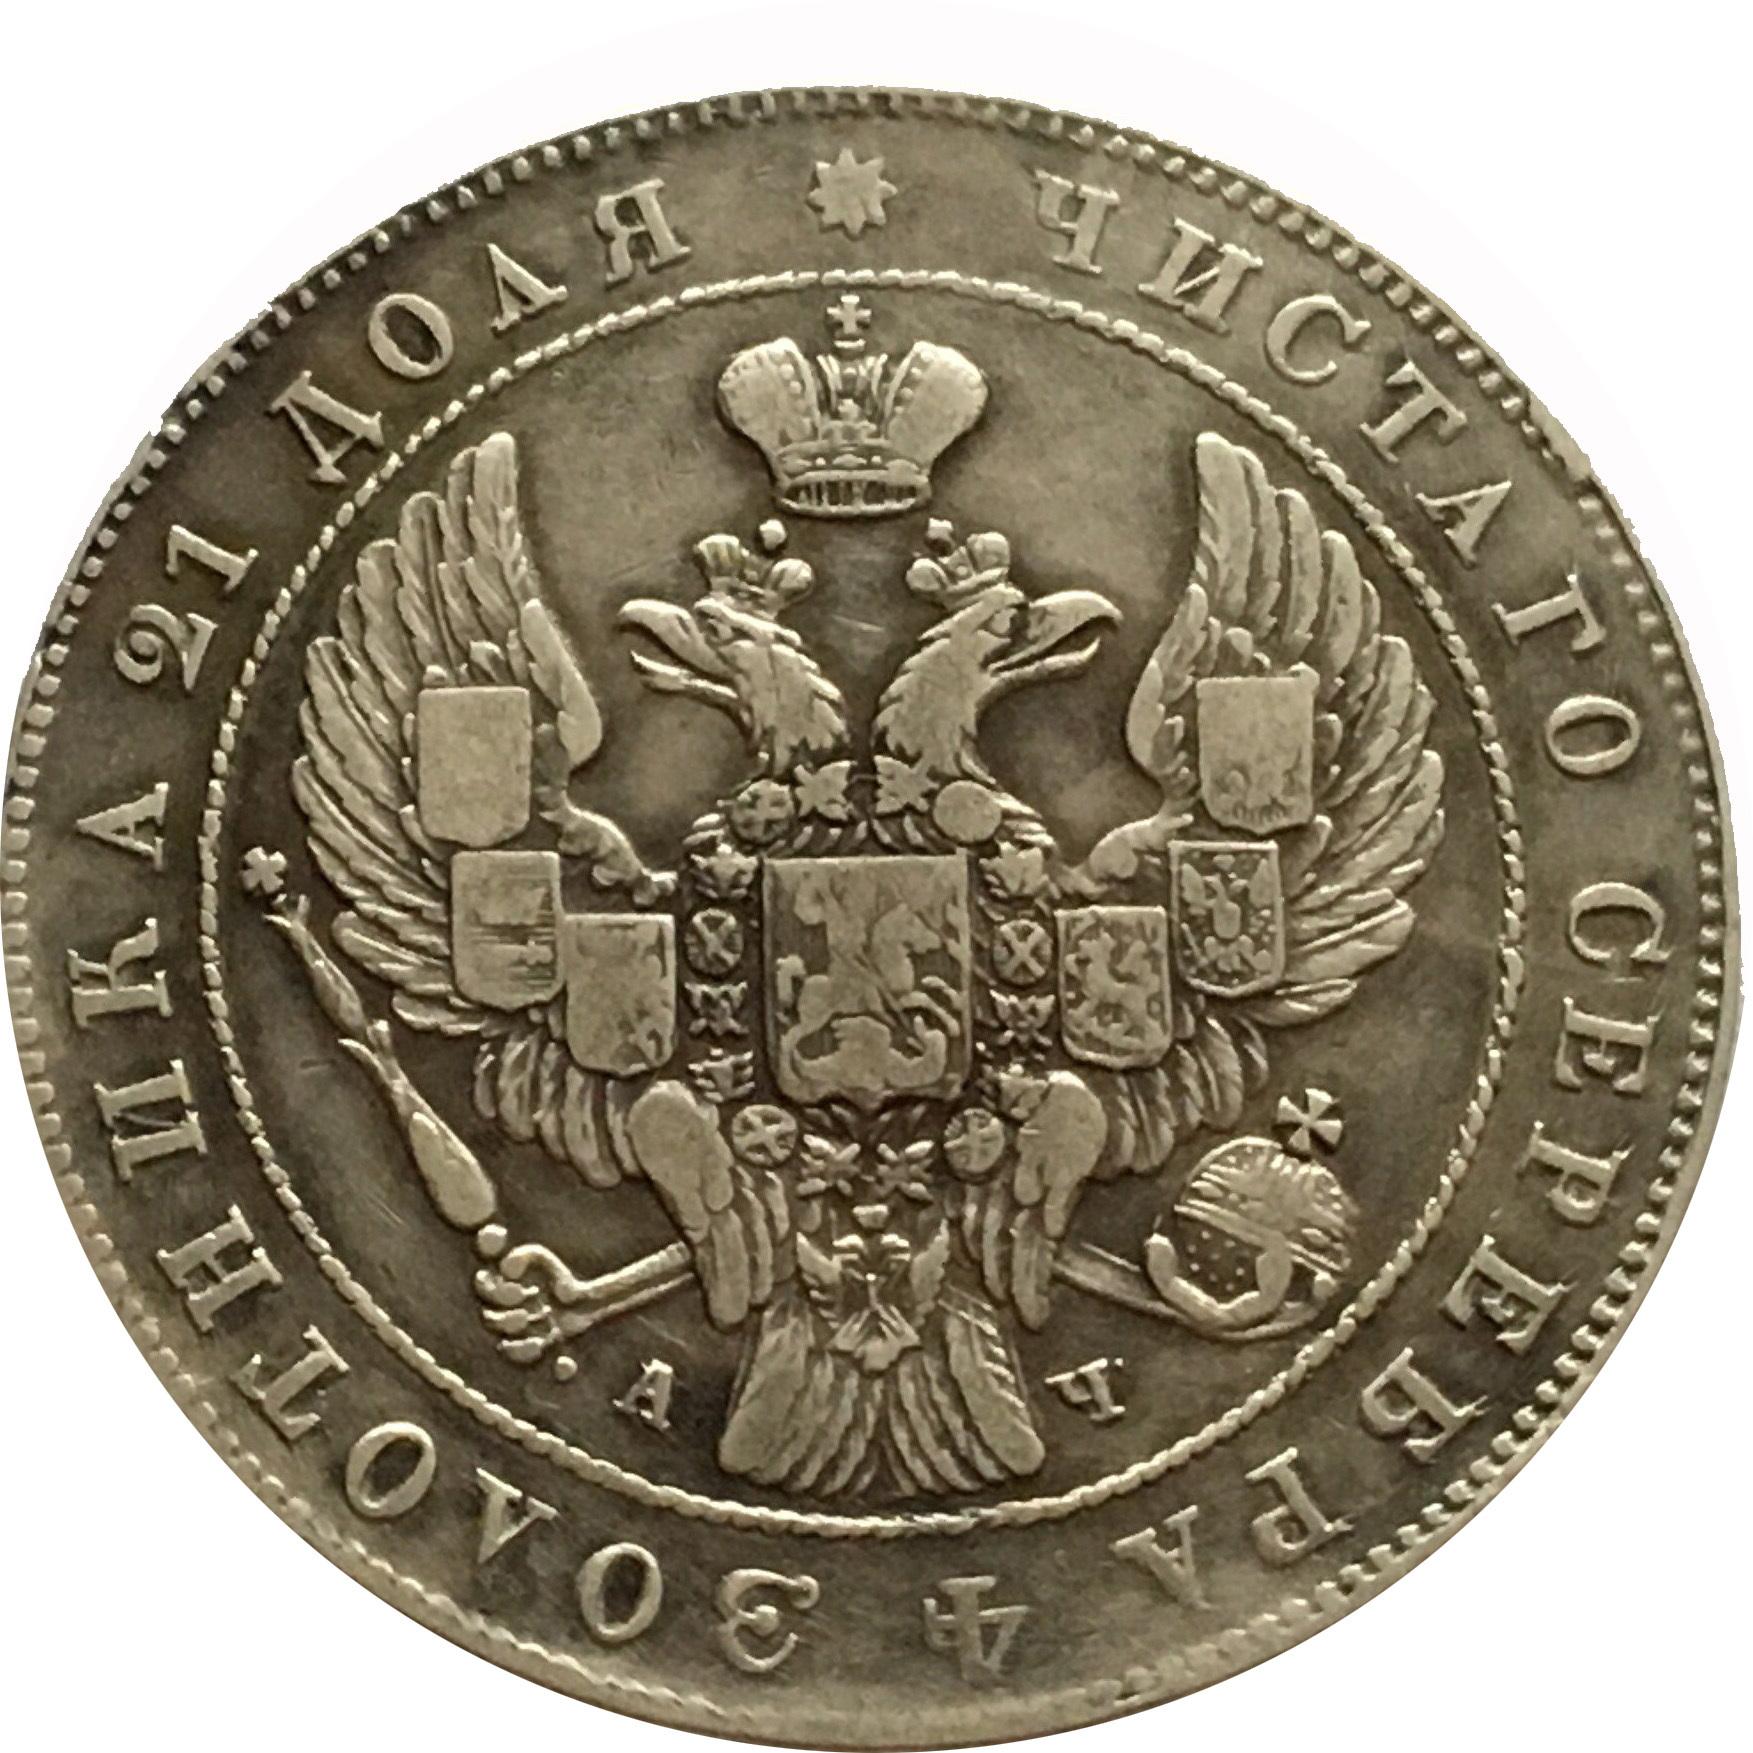 1 рубль 1842 год. СПБ АЧ. Николай I